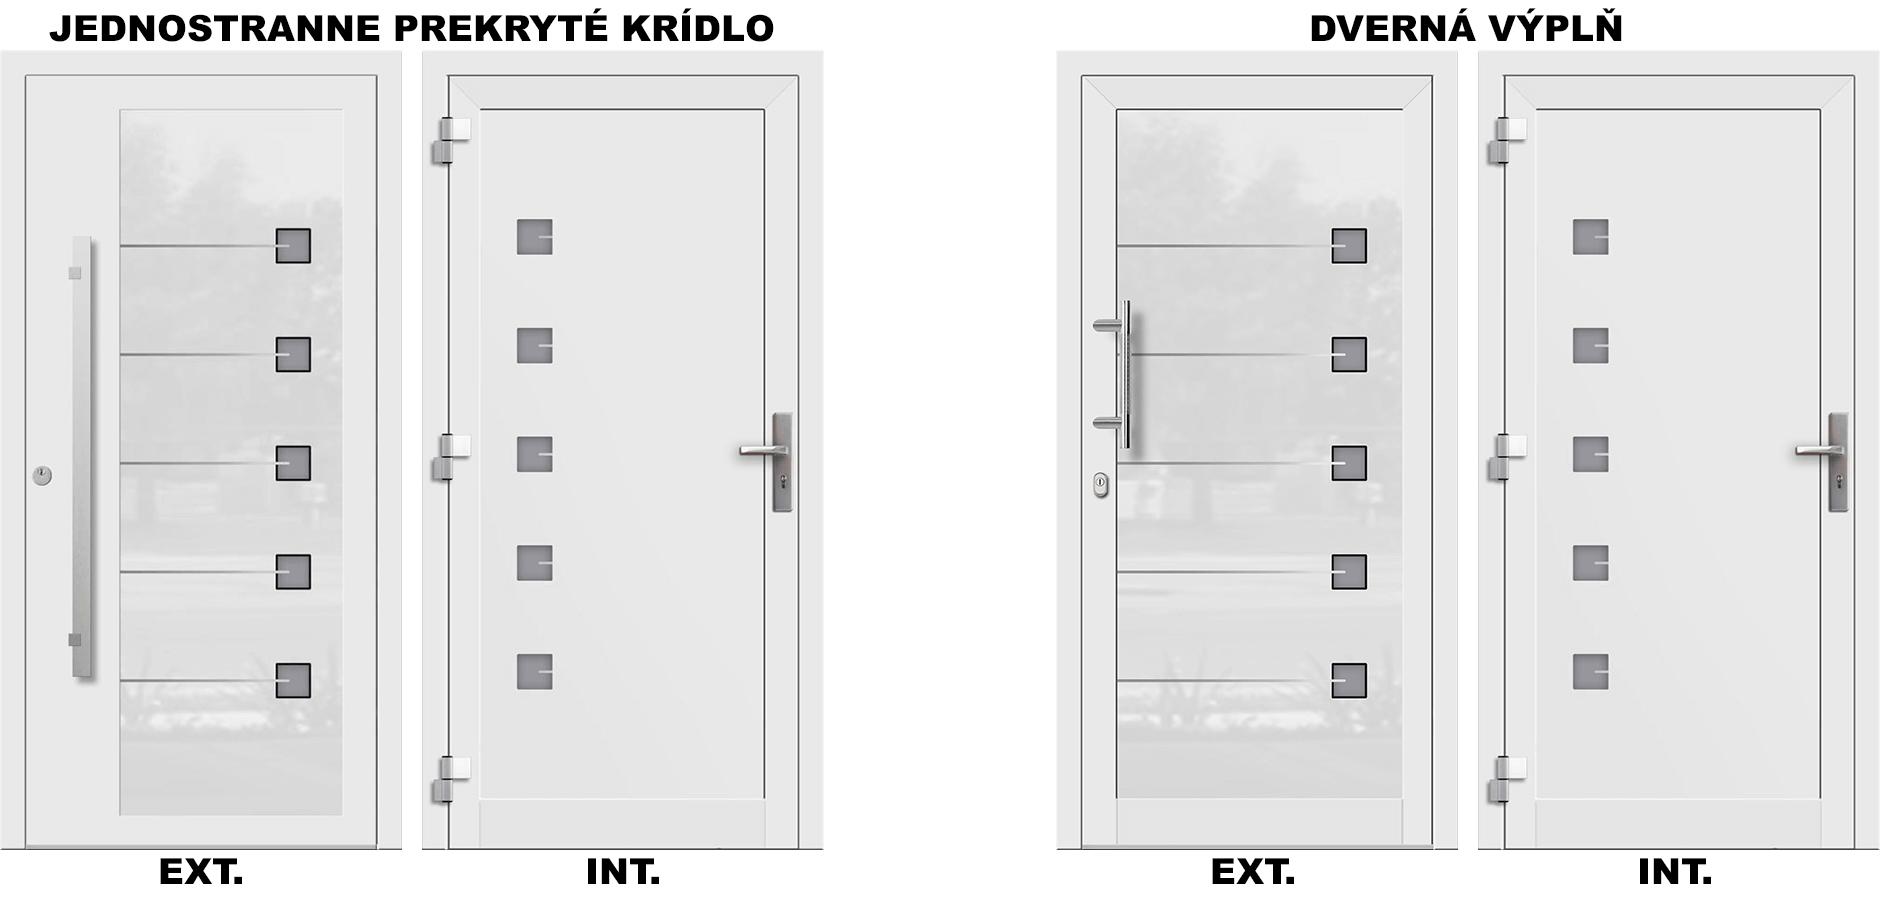 Ilustračný obrázok znázorňujúci prekrytie dverného krídla pri hliníkových vchodových dverách